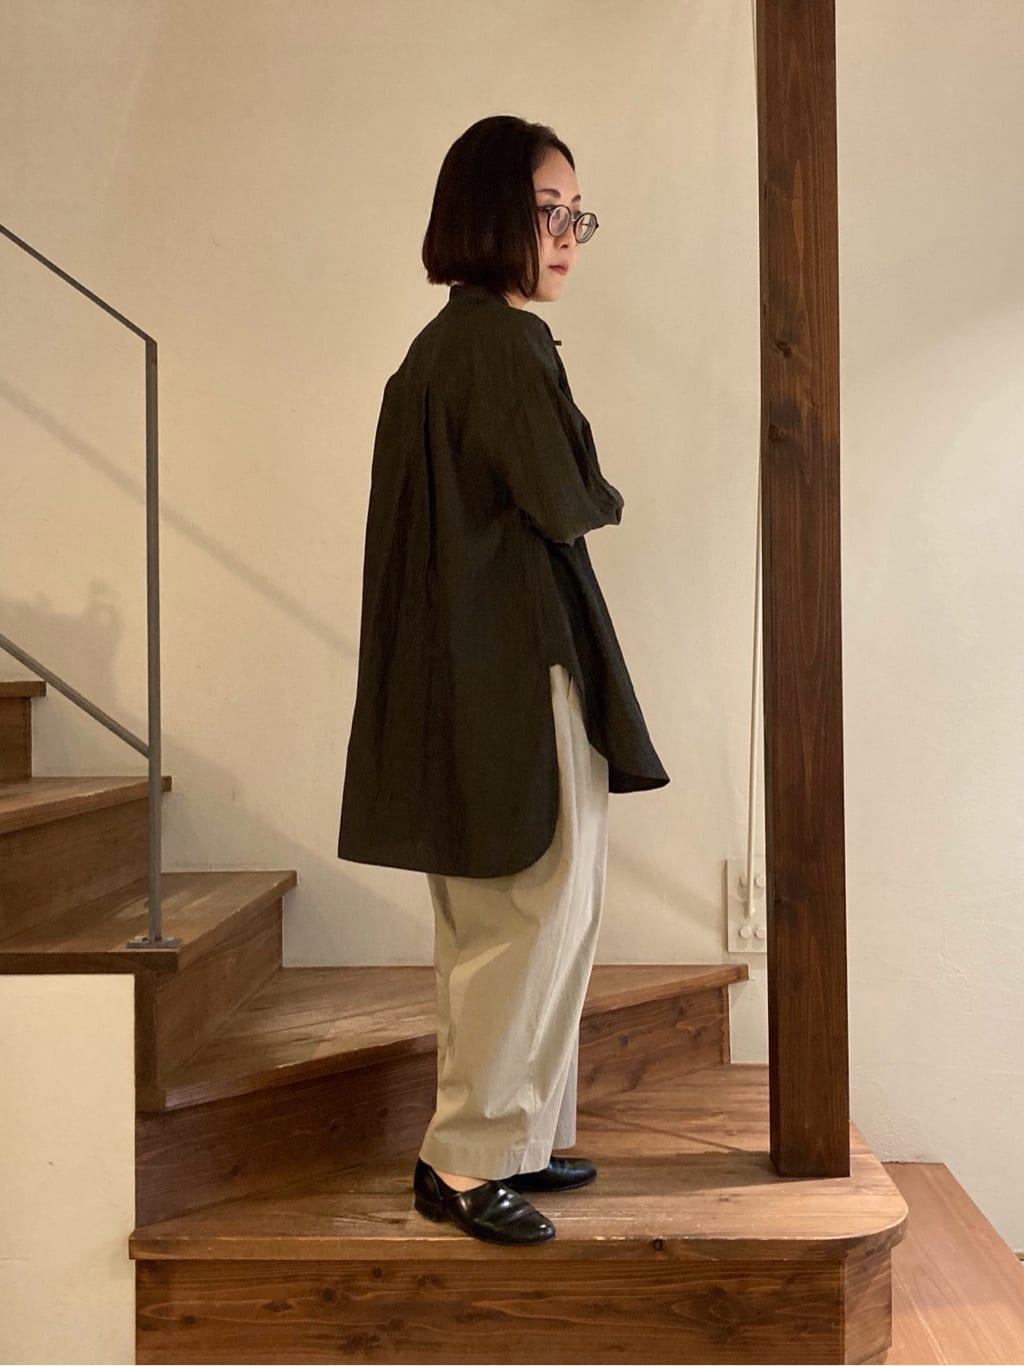 yuni 京都路面 身長:152cm 2021.09.07